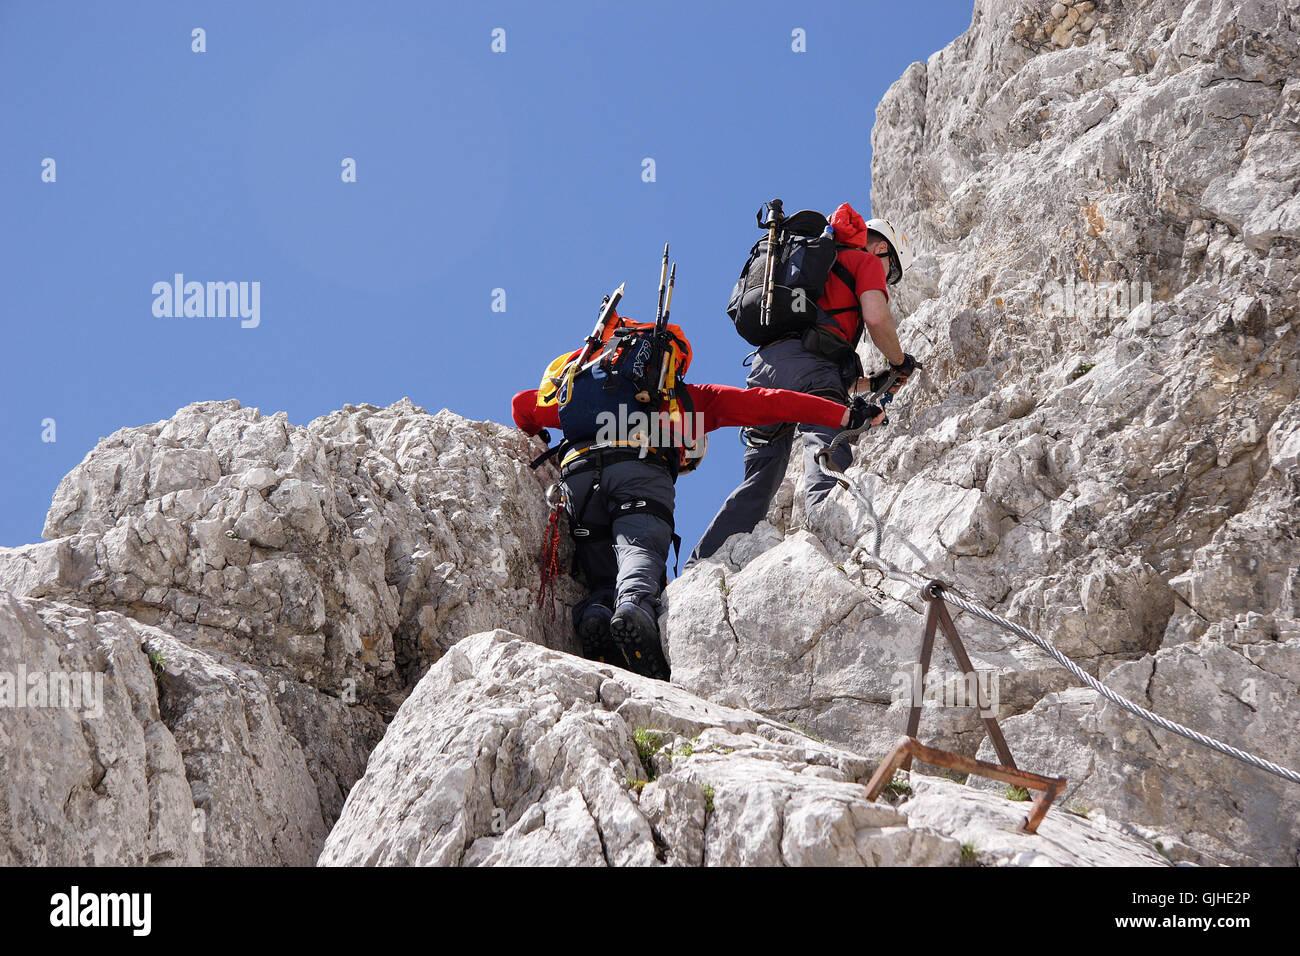 Klettersteigset Zugspitze : Klettersteig zur zugspitze stockfoto bild alamy